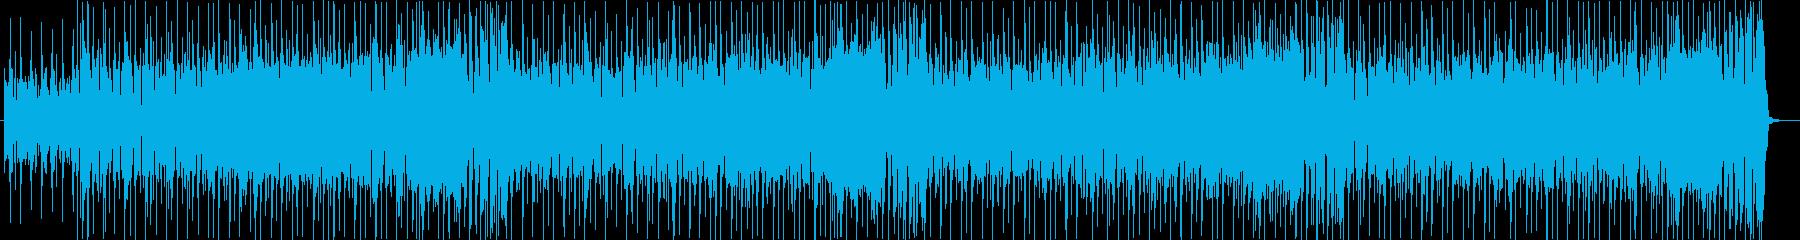 ファンク系BGM。ループ。の再生済みの波形